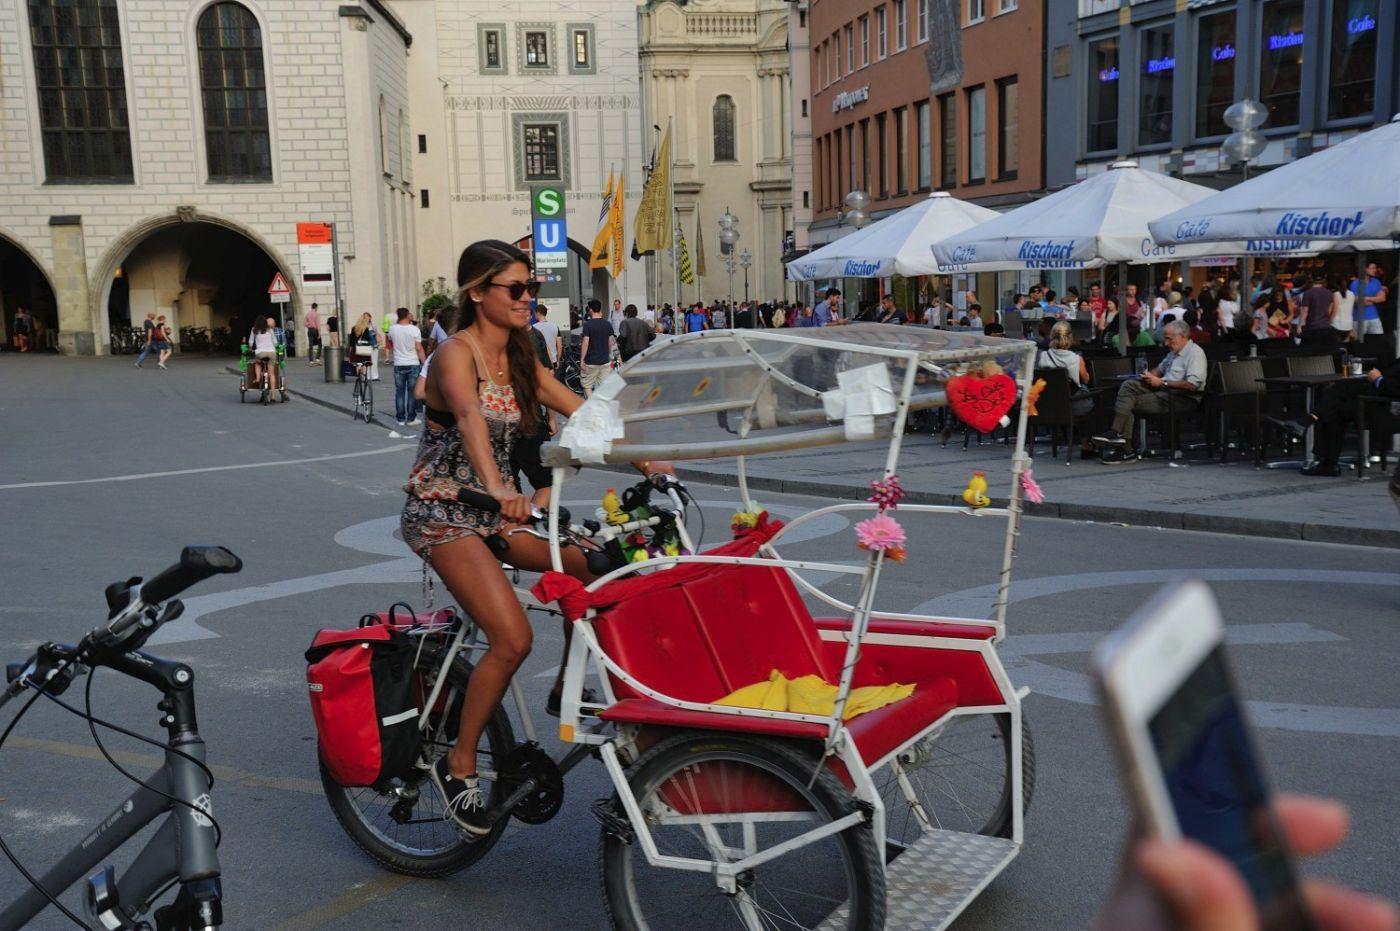 维也纳蹬三轮车的美女_图1-1